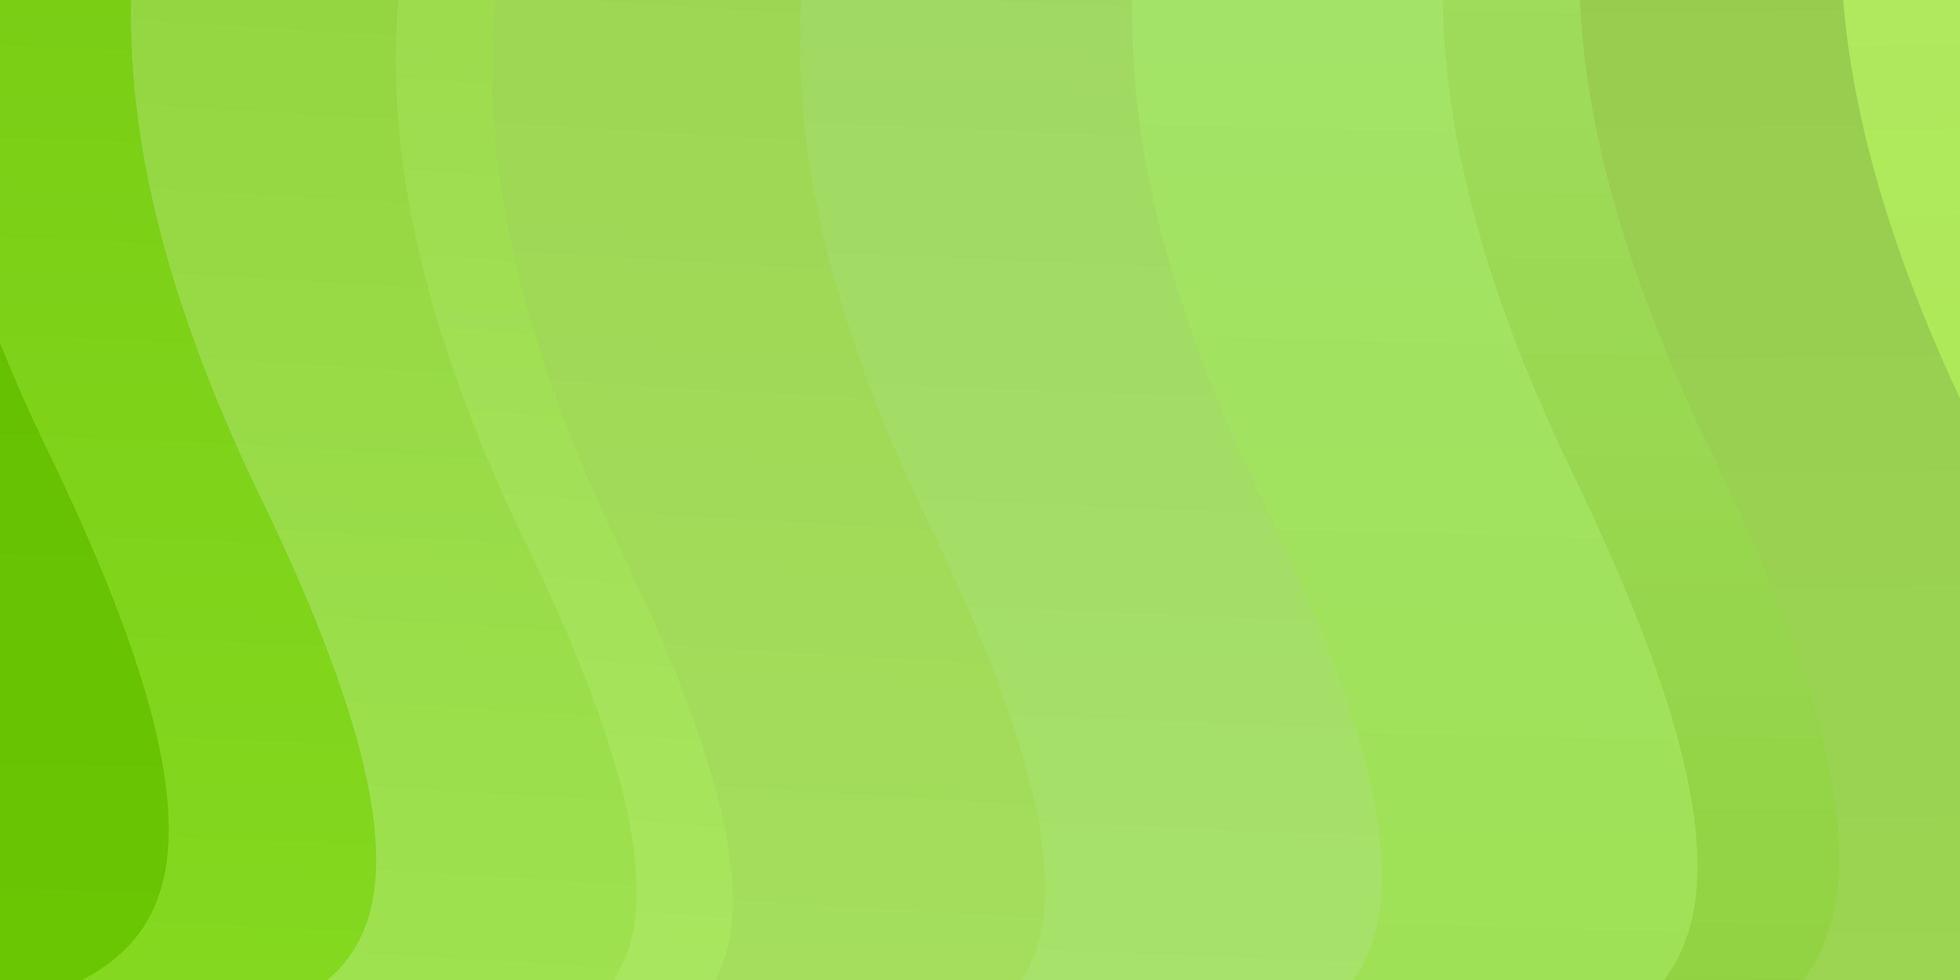 diseño de vector verde claro con líneas torcidas.